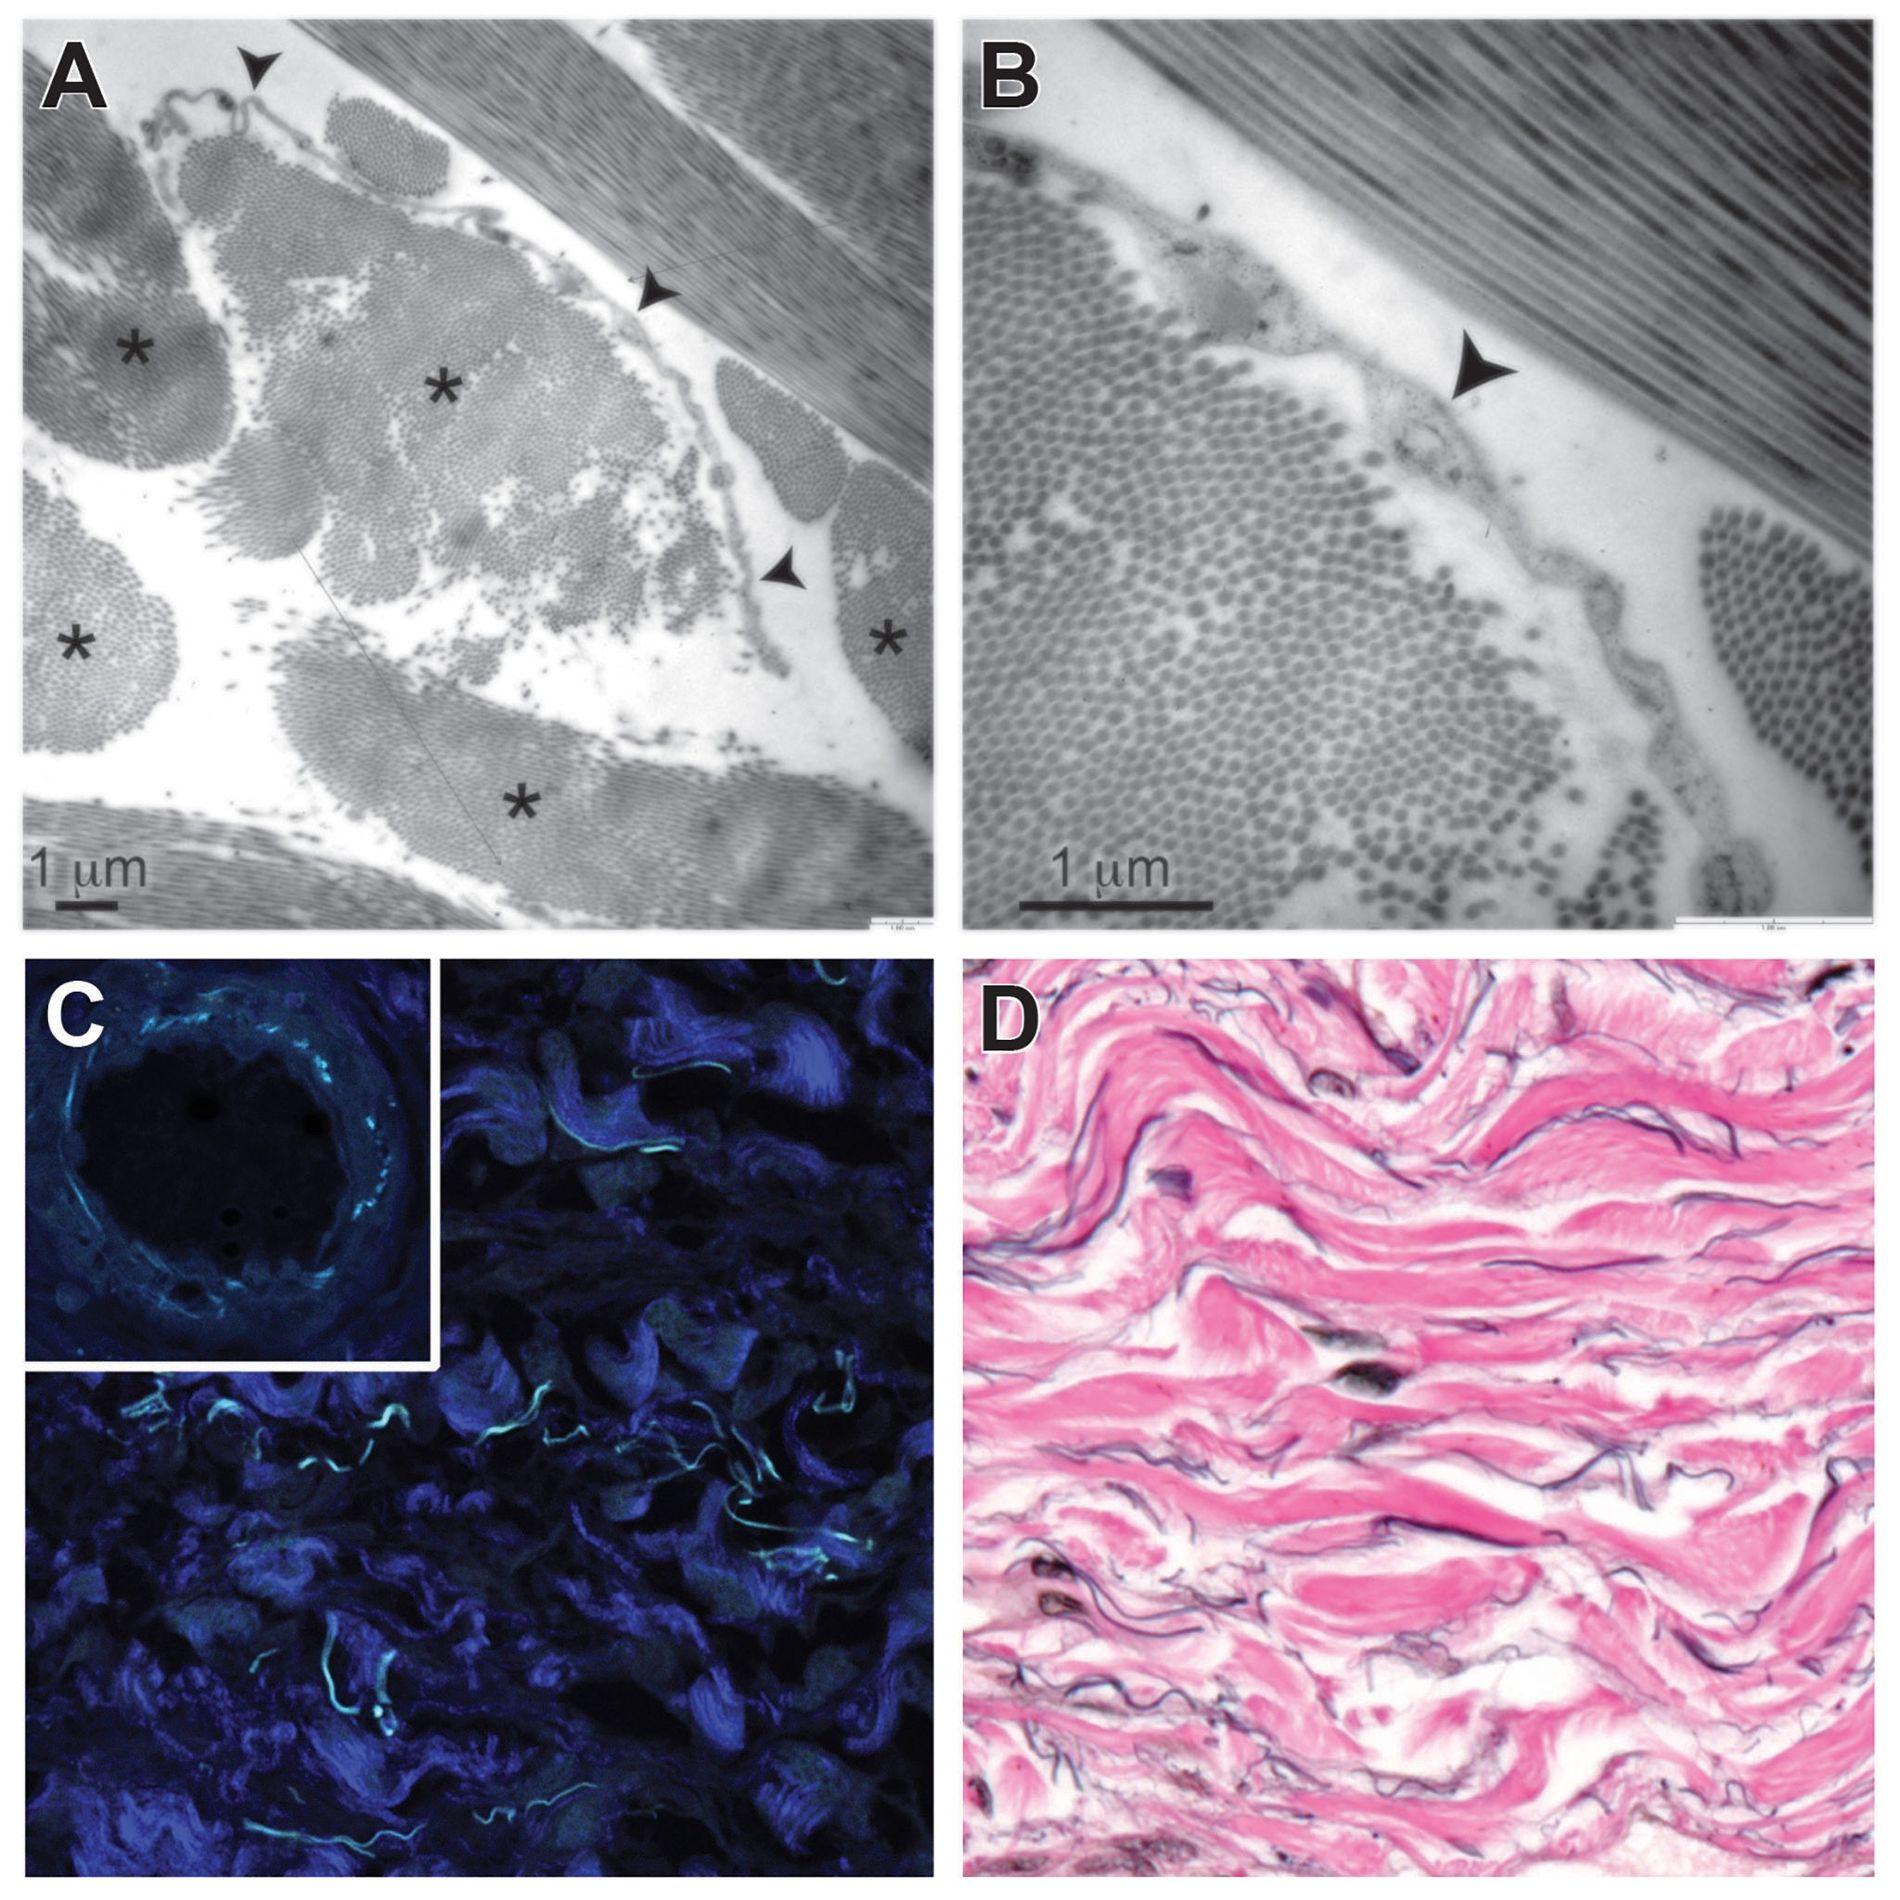 Les faisceaux de collagène sont identifiés par des astérisques (en haut à gauche). Une cellule est indiquée par une flèche (en haut à droite). Les faisceaux de collagène sont identifiés par la couleur bleue foncée et le bleu clair correspond à l'élastine (en bas à gauche). En noir, les fibres d'élastine situées le long des faisceaux de collagène, visibles eux en rose (en bas à droite).